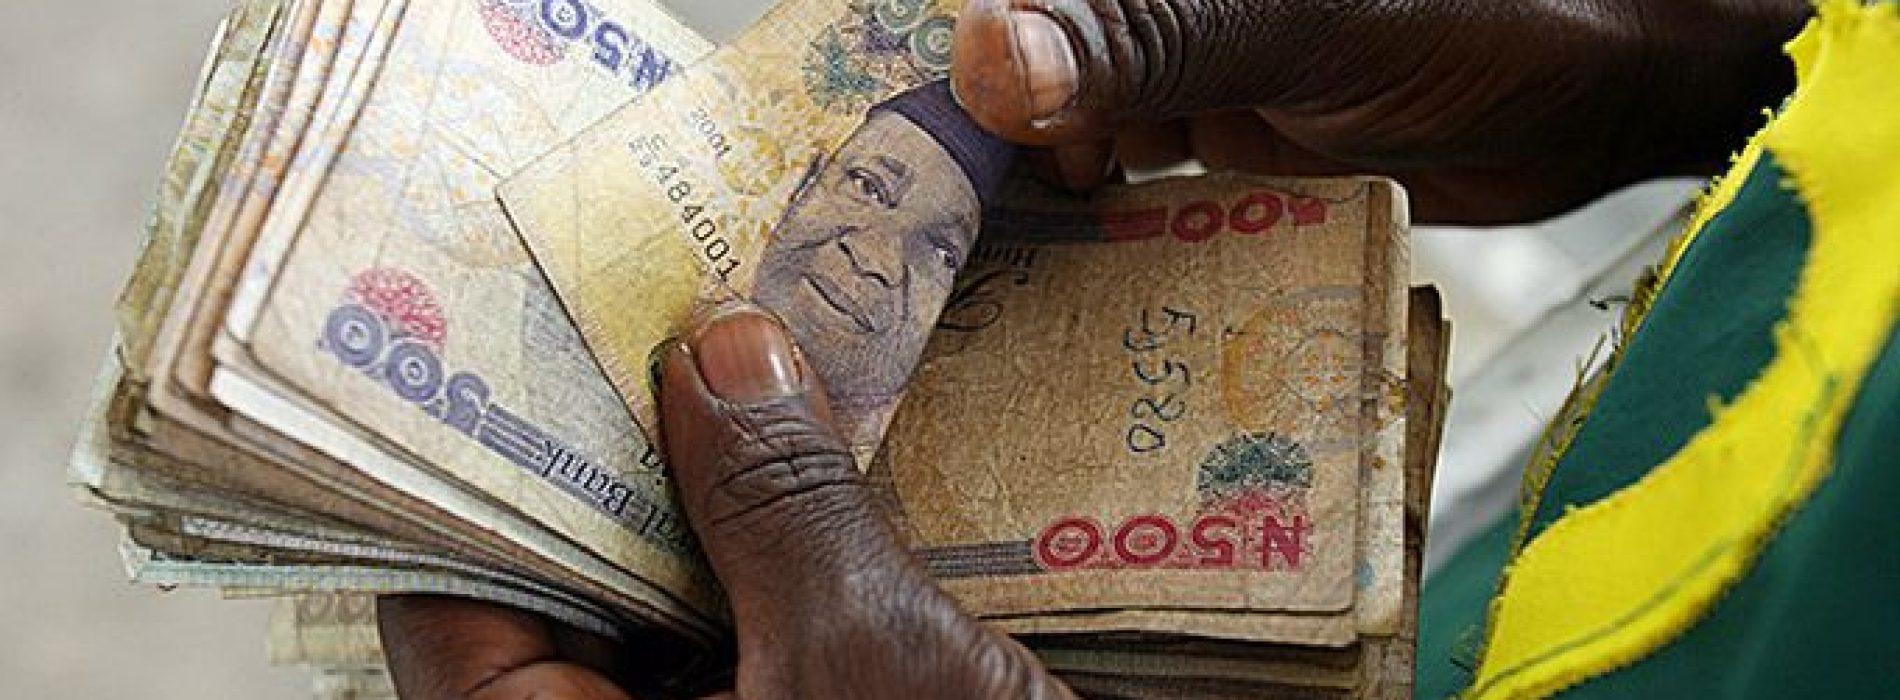 Nigeria, la svalutazione sta portando buoni risultati